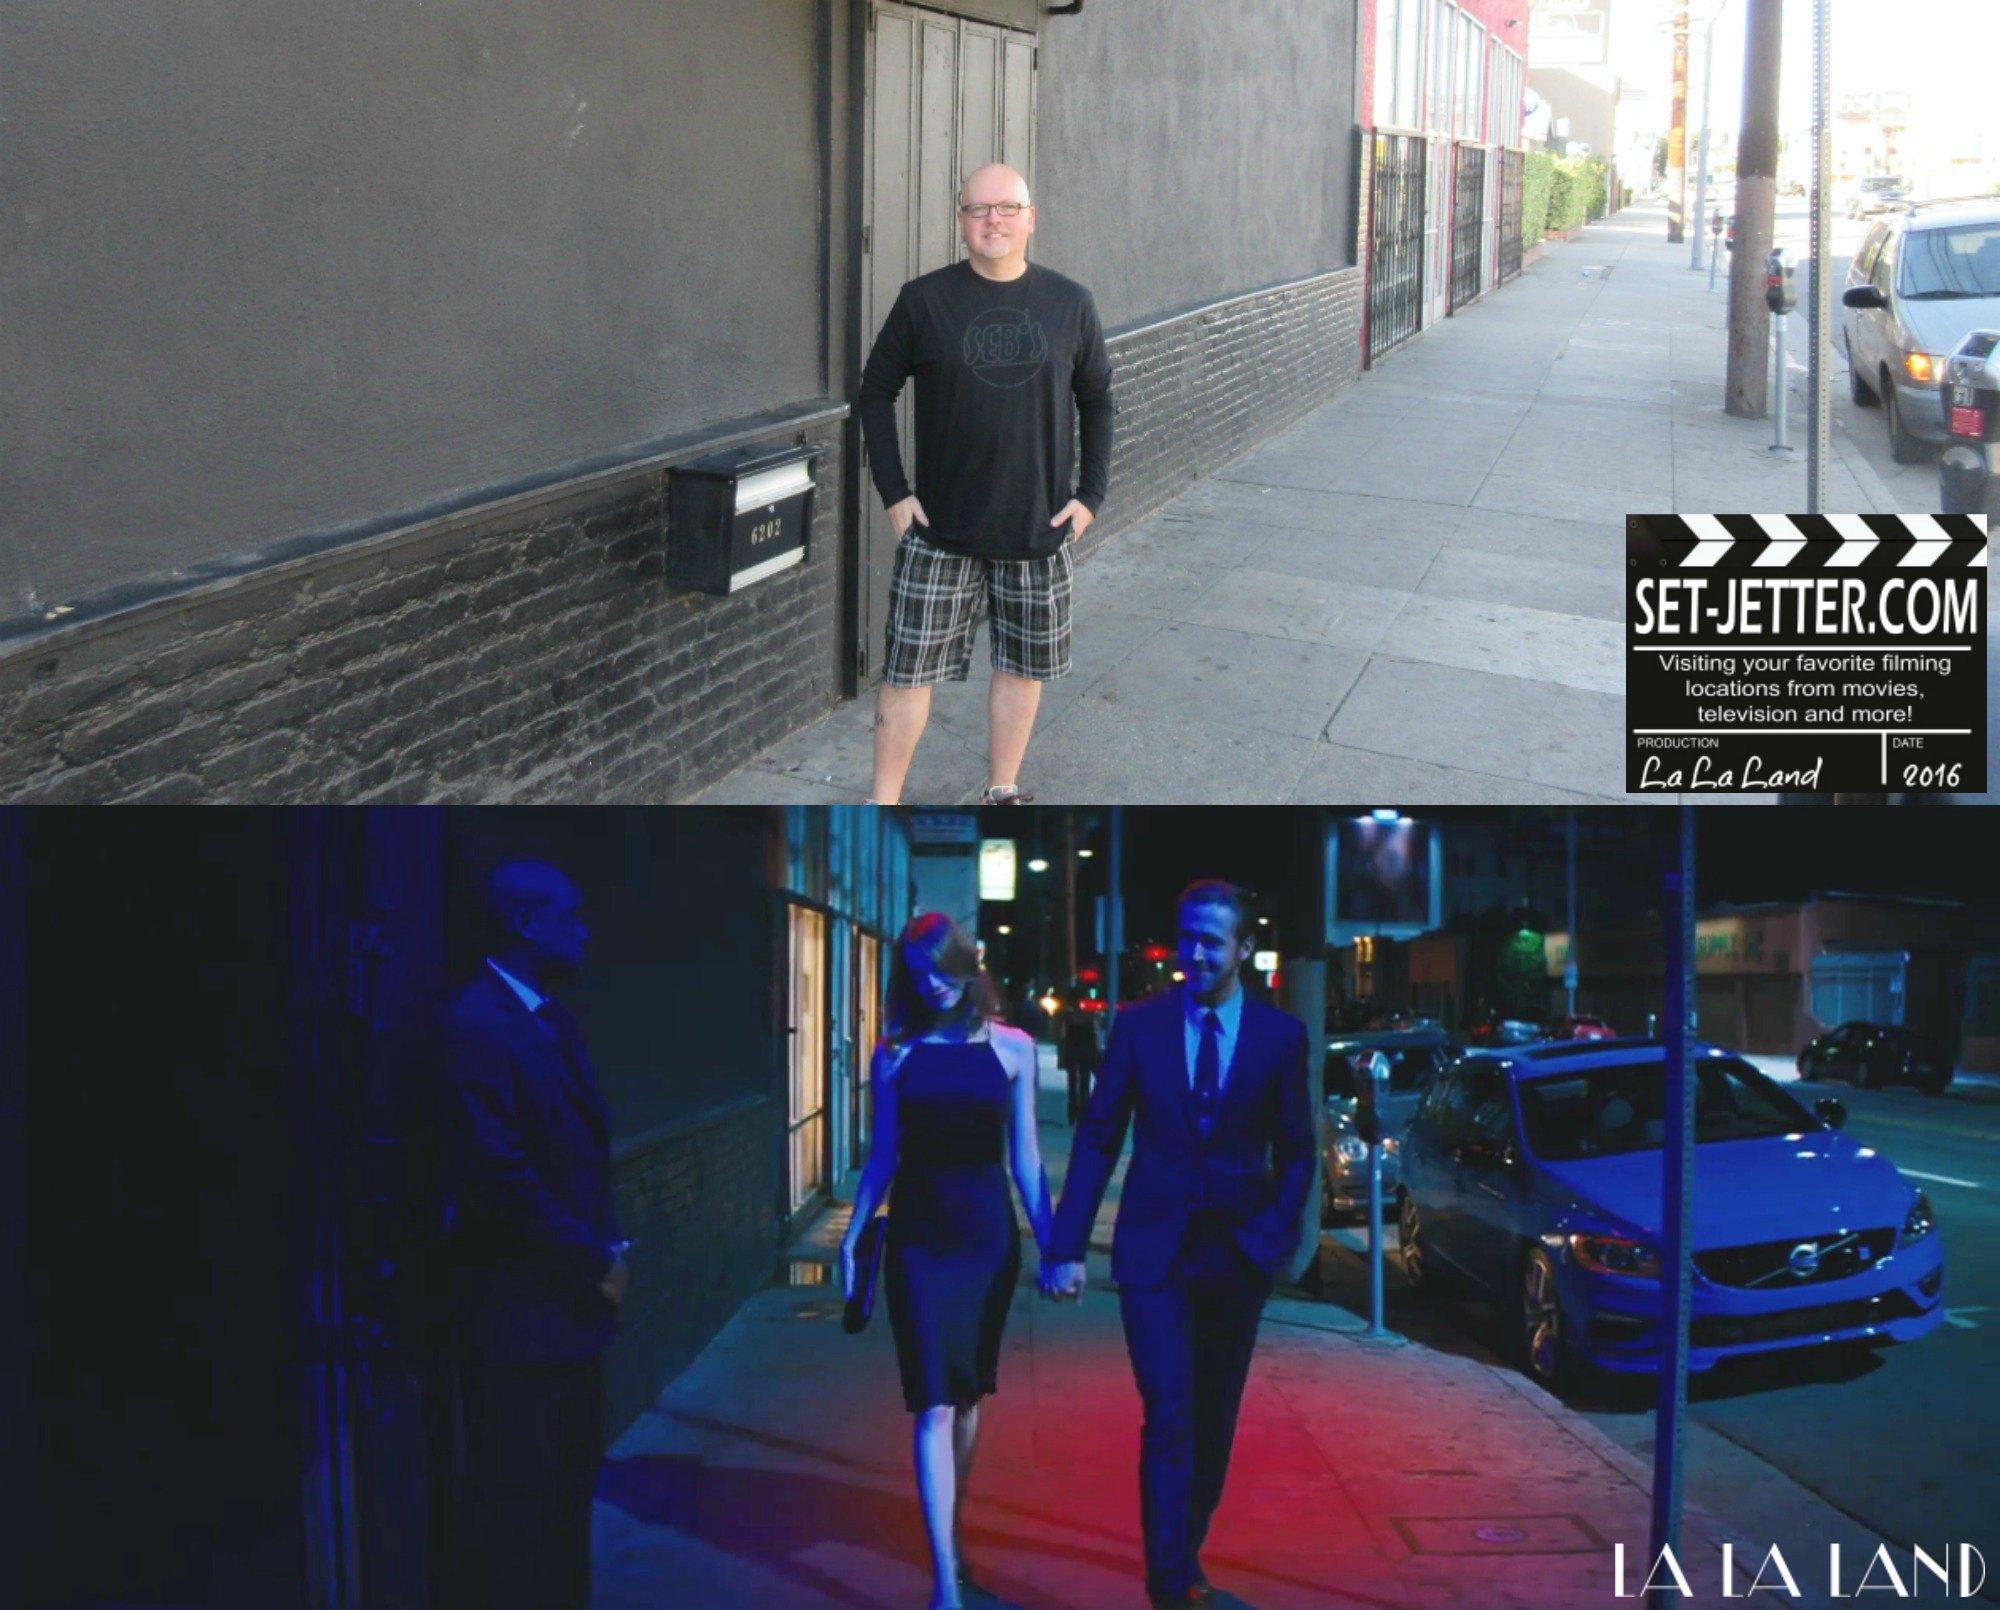 La La Land comparison 106.jpg